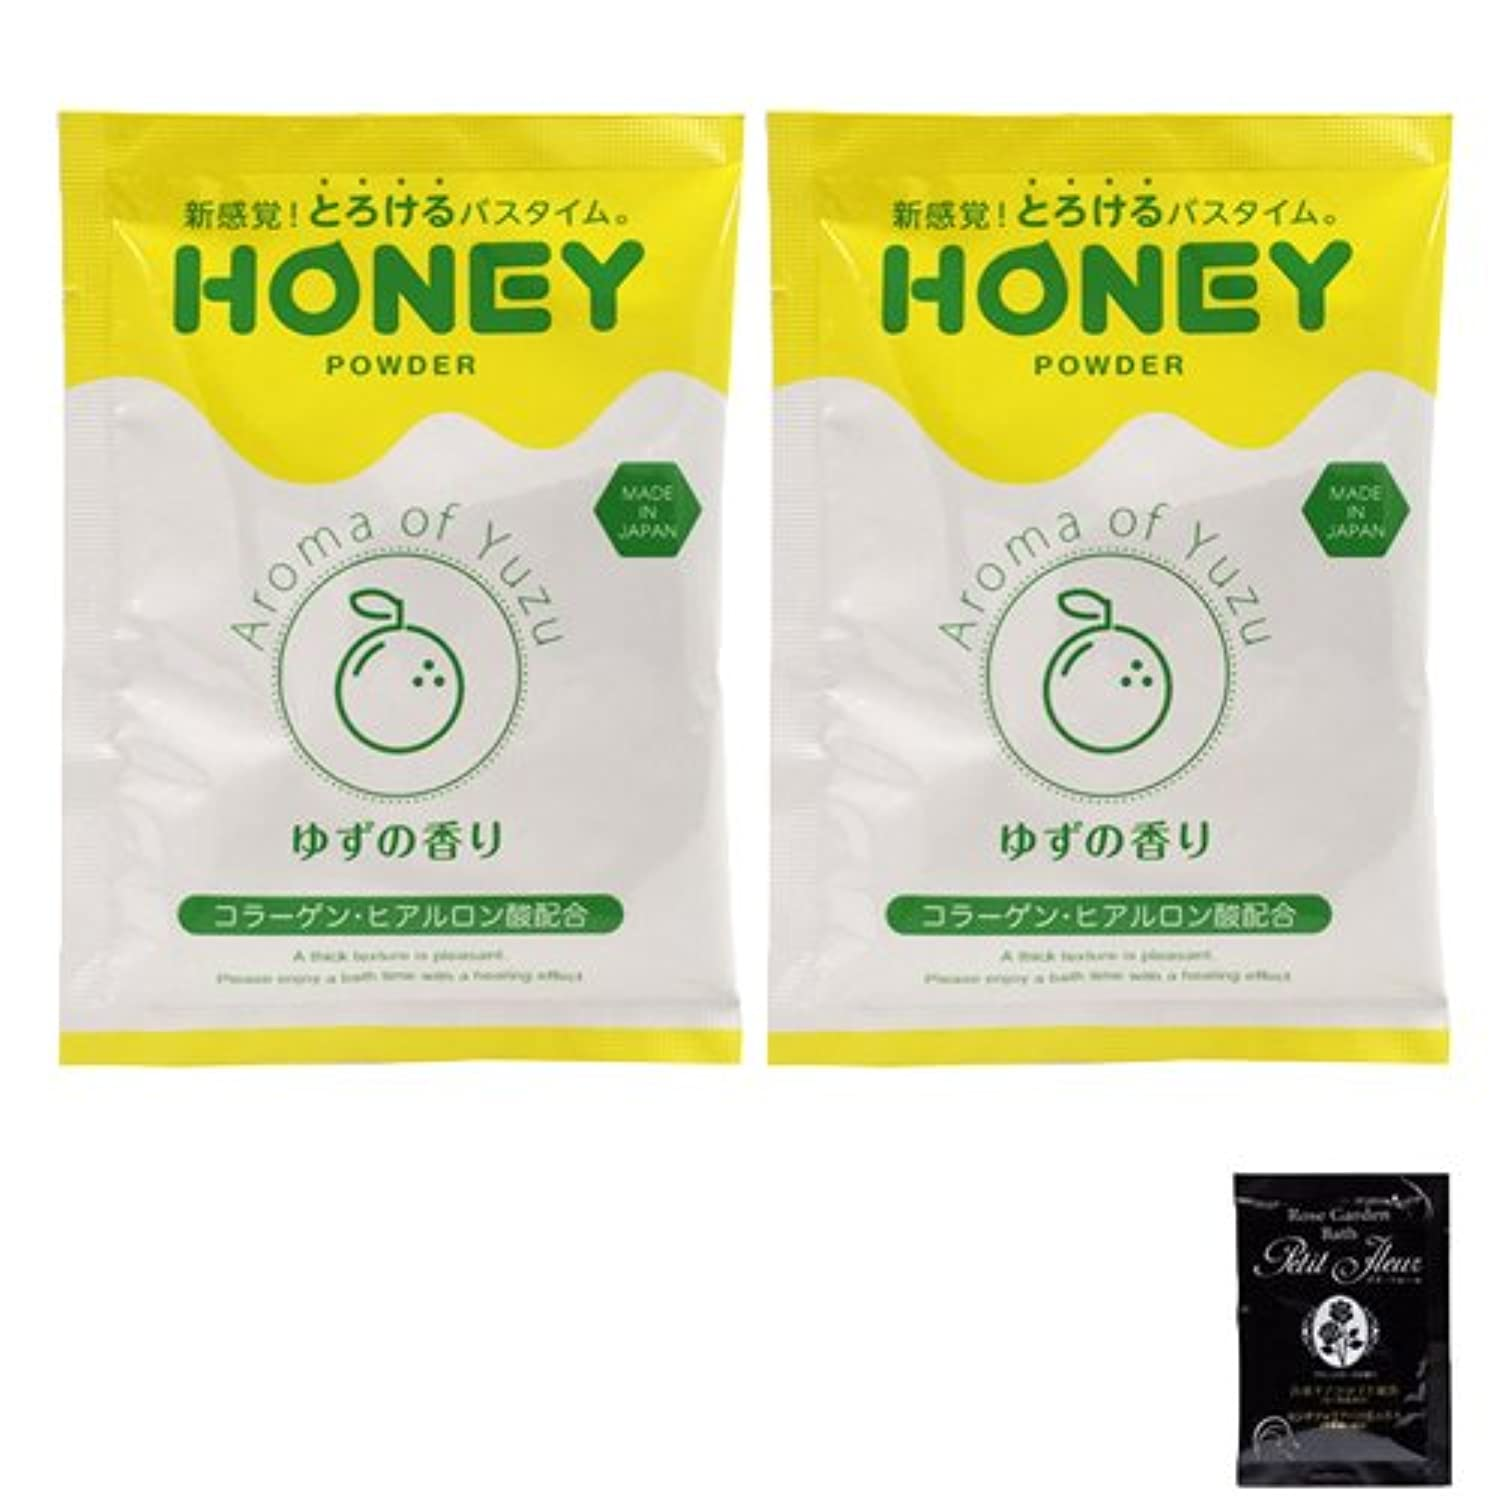 小屋繕う勉強する【honey powder】(ハニーパウダー) ゆずの香り 粉末タイプ×2個 + 入浴剤プチフルール1回分セット